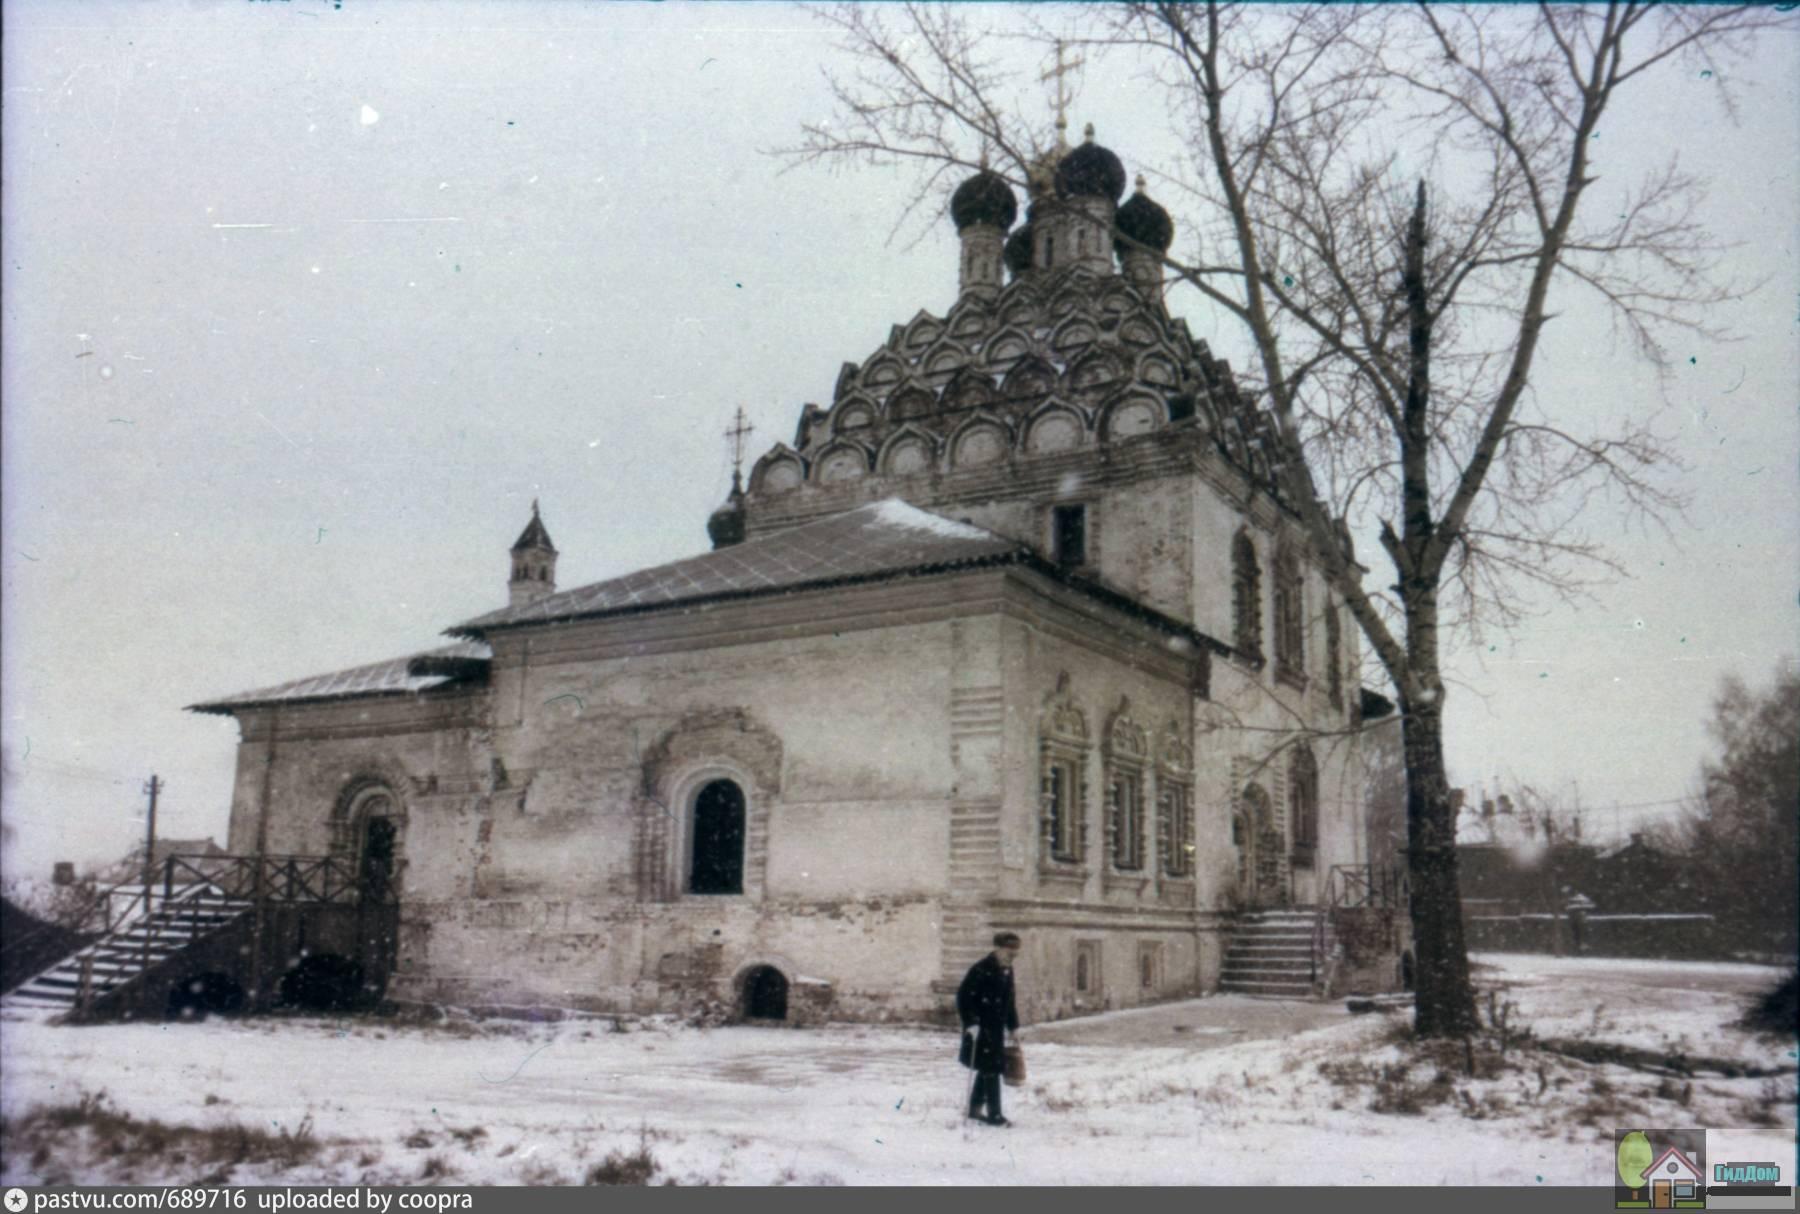 Храм Николы-на-Посаде в 1992 году. Снимок загружен из открытых источников. Автор неизвестен.